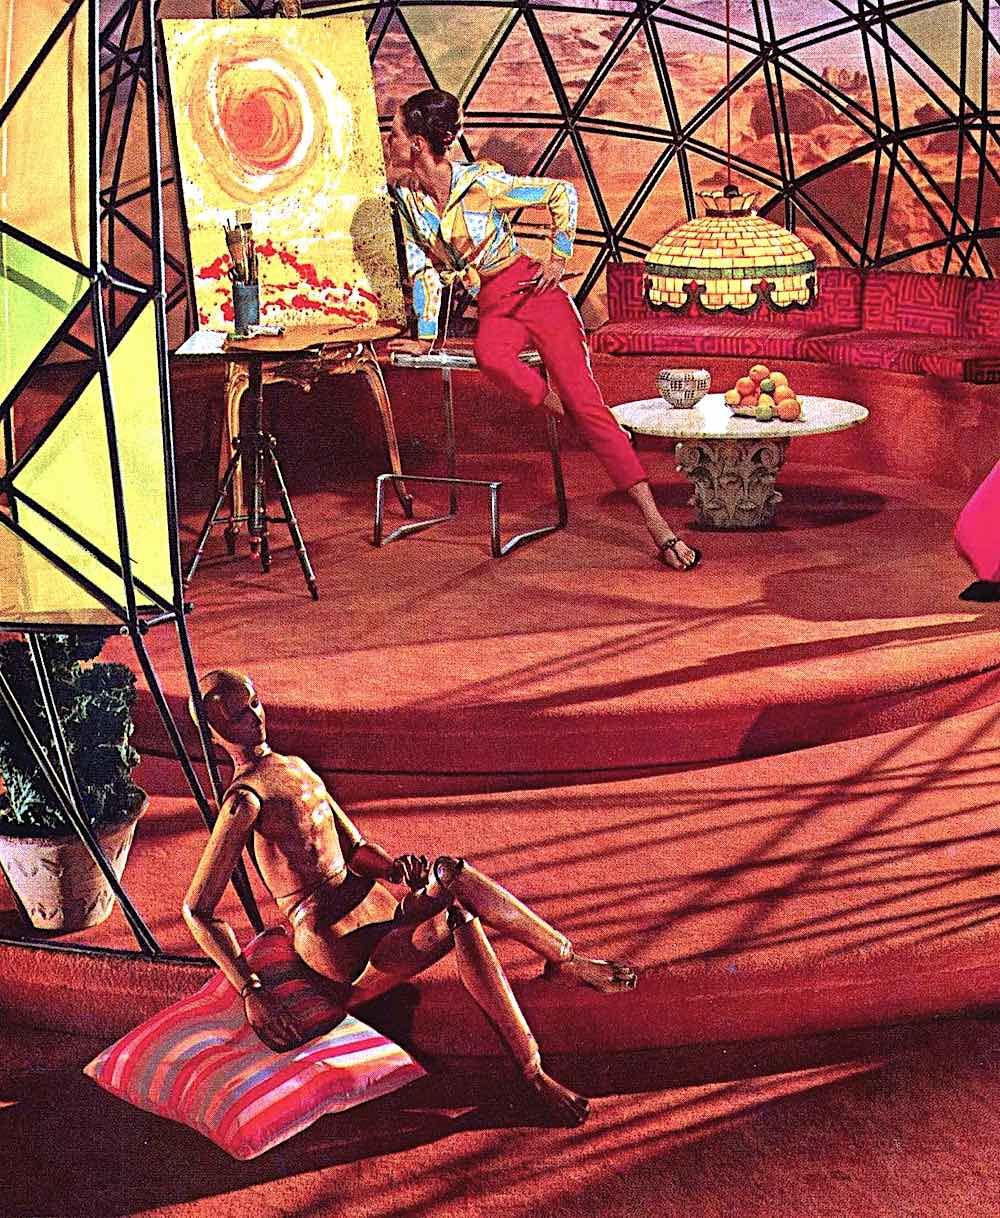 1964 retrofuture home interior in a geodesic dome